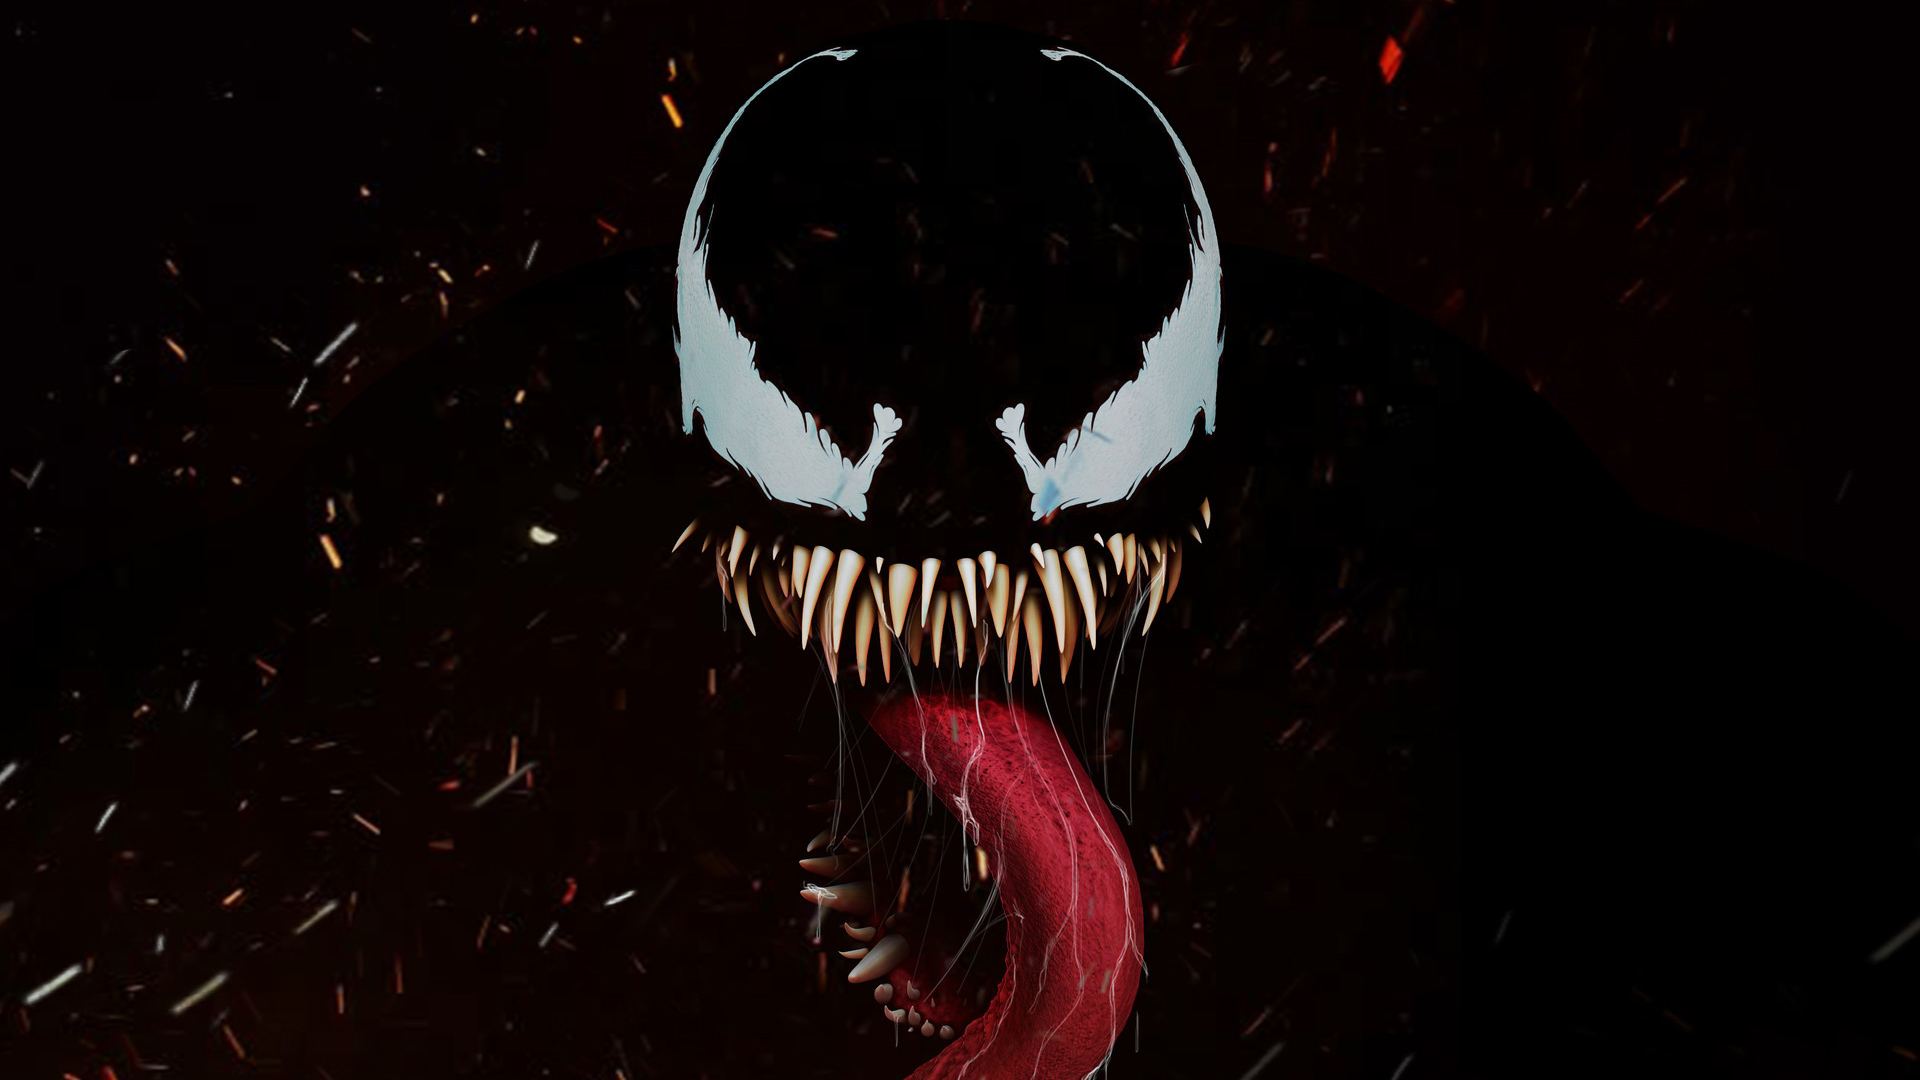 Venom Movie Fan Digital Art, HD Superheroes, 4k Wallpapers ...